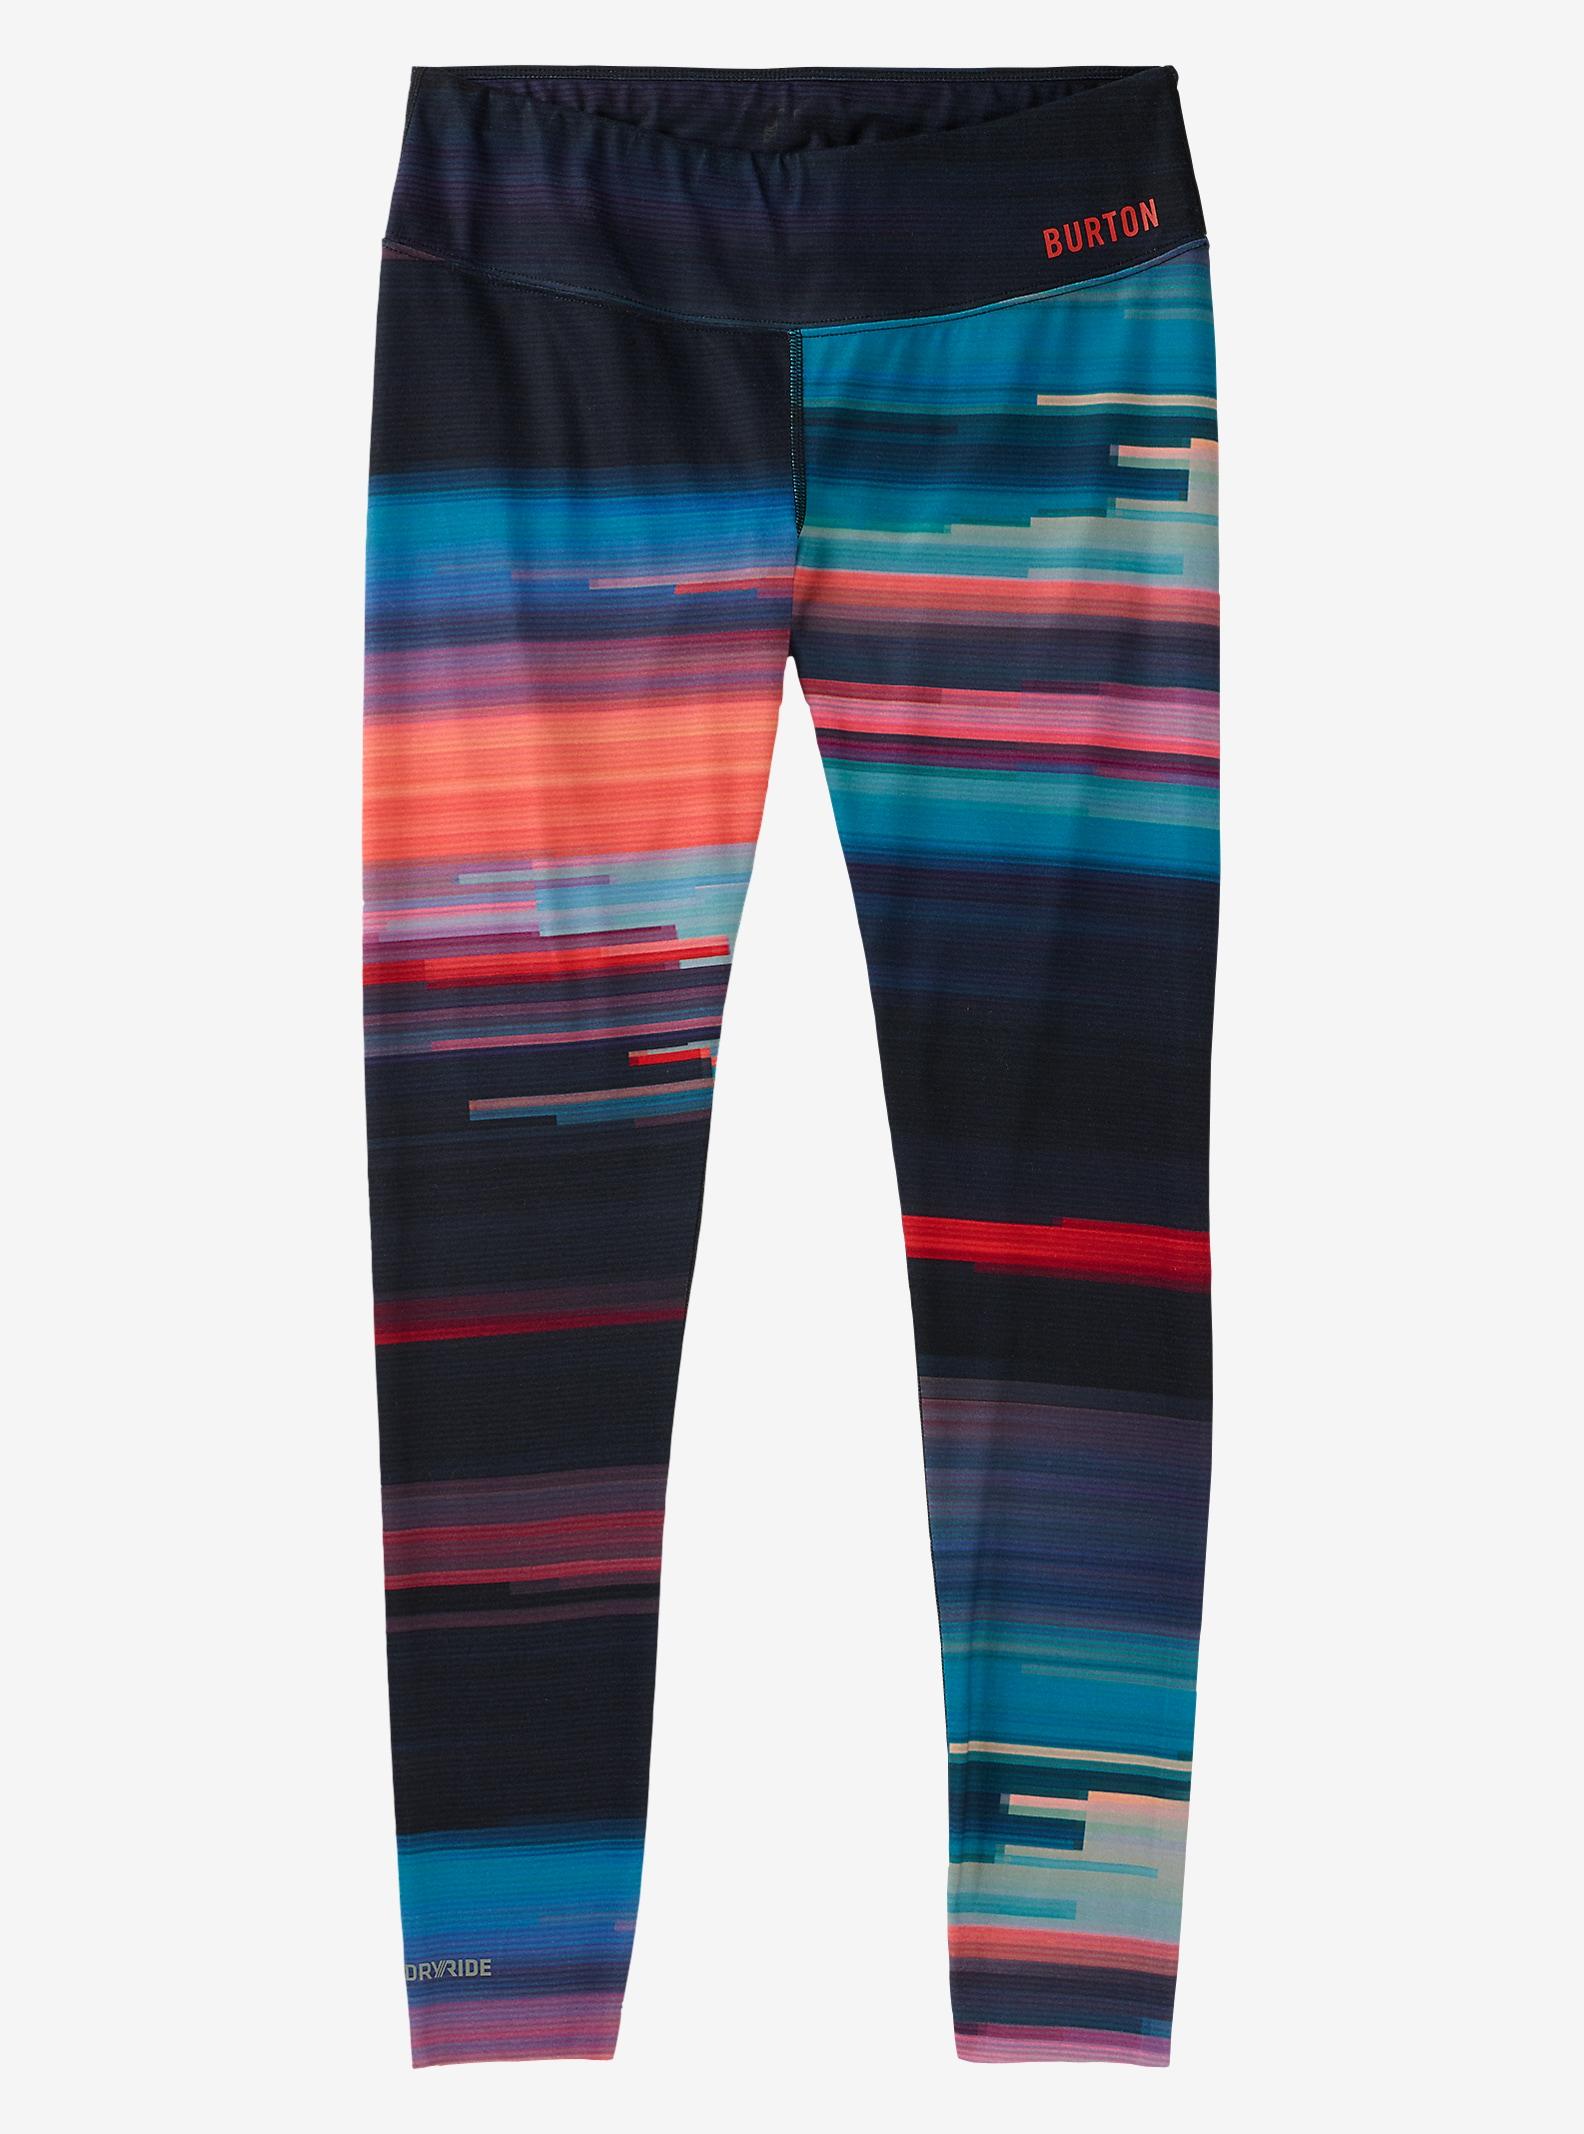 Burton - Pantalon couche de base intermédiaire pour femme affichage en Coral Flynn Glitch